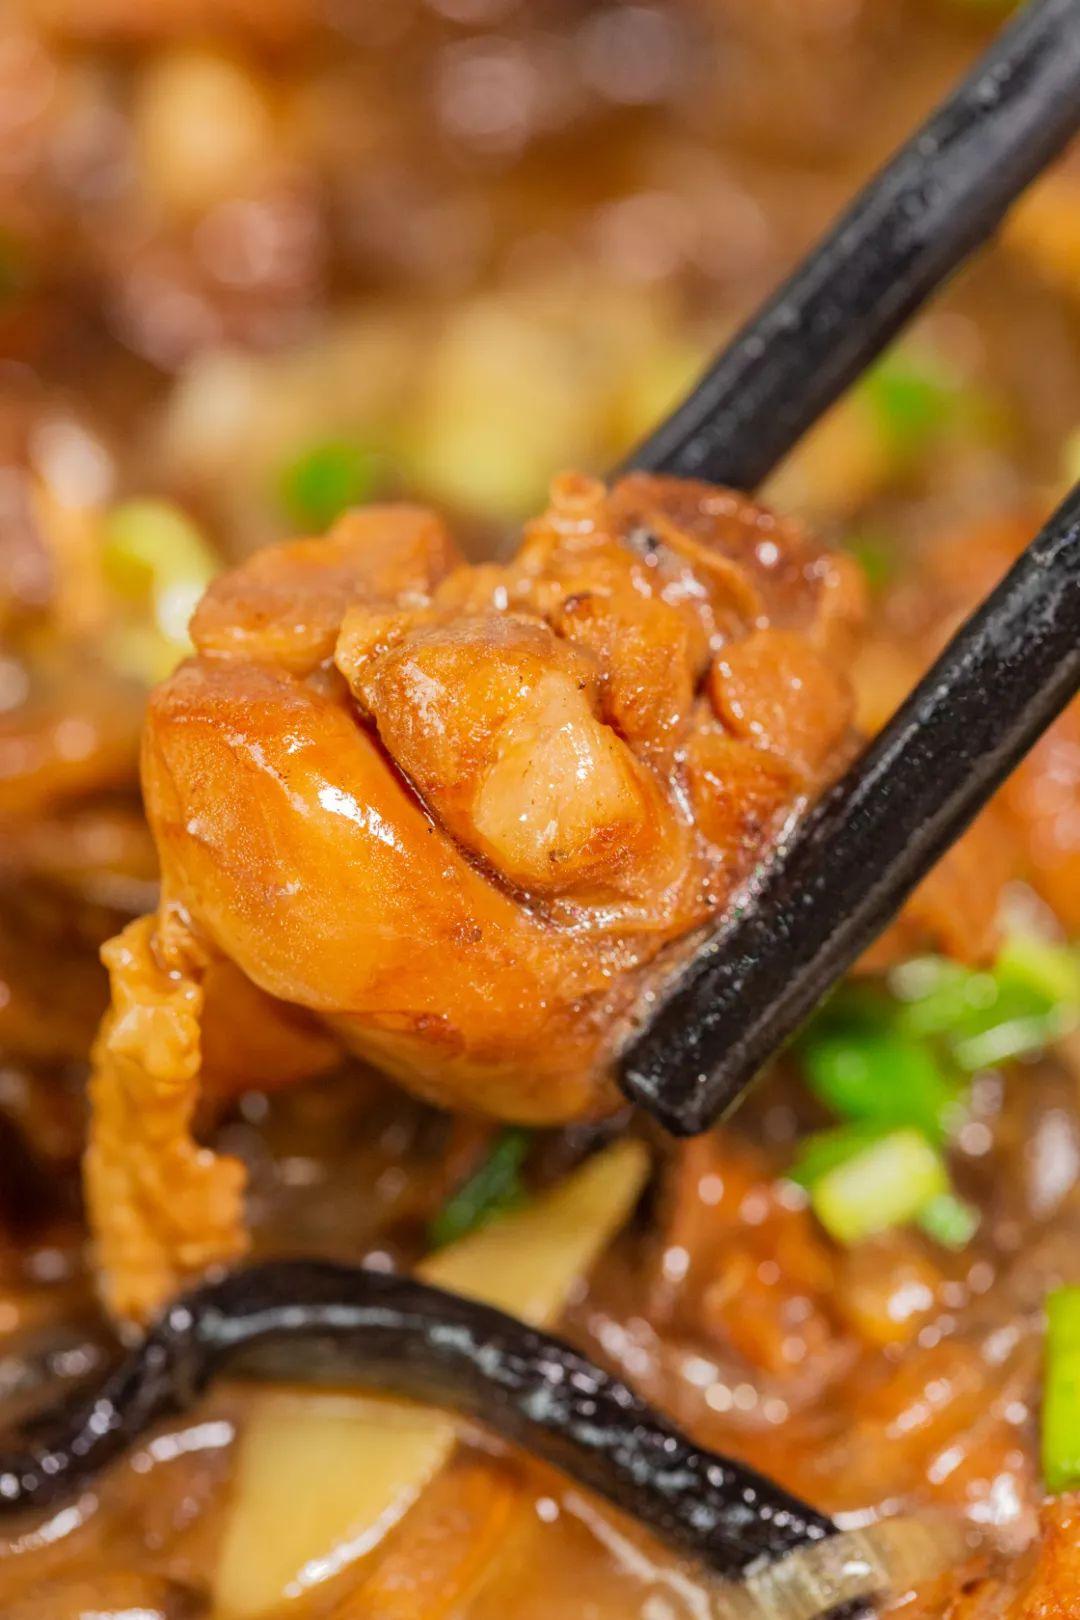 中大小北门人气爆灯的饺子馆,量足、白菜价,难怪他们都不舍得公开!